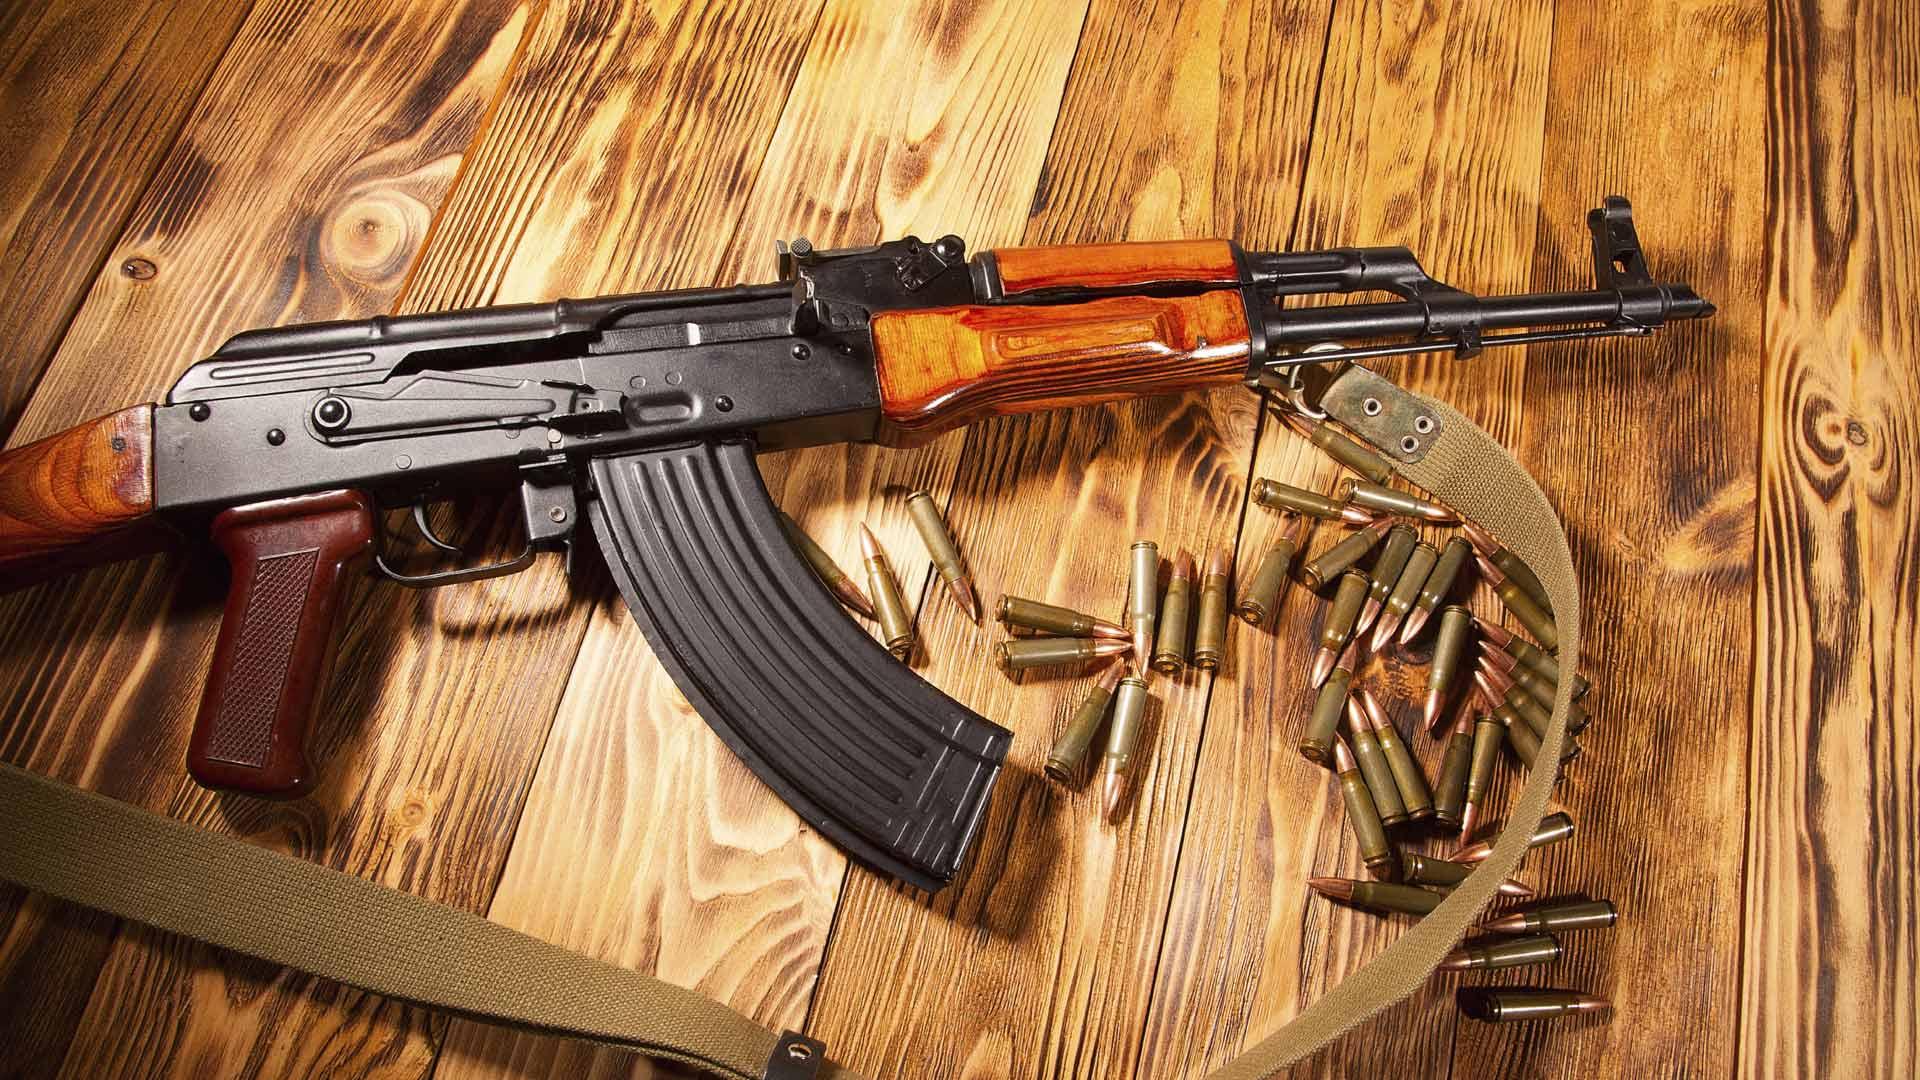 Su cuasi insdestructibilidad lo ha convertido en el arma preferida de rebeldes, revolucionarios y asesinos